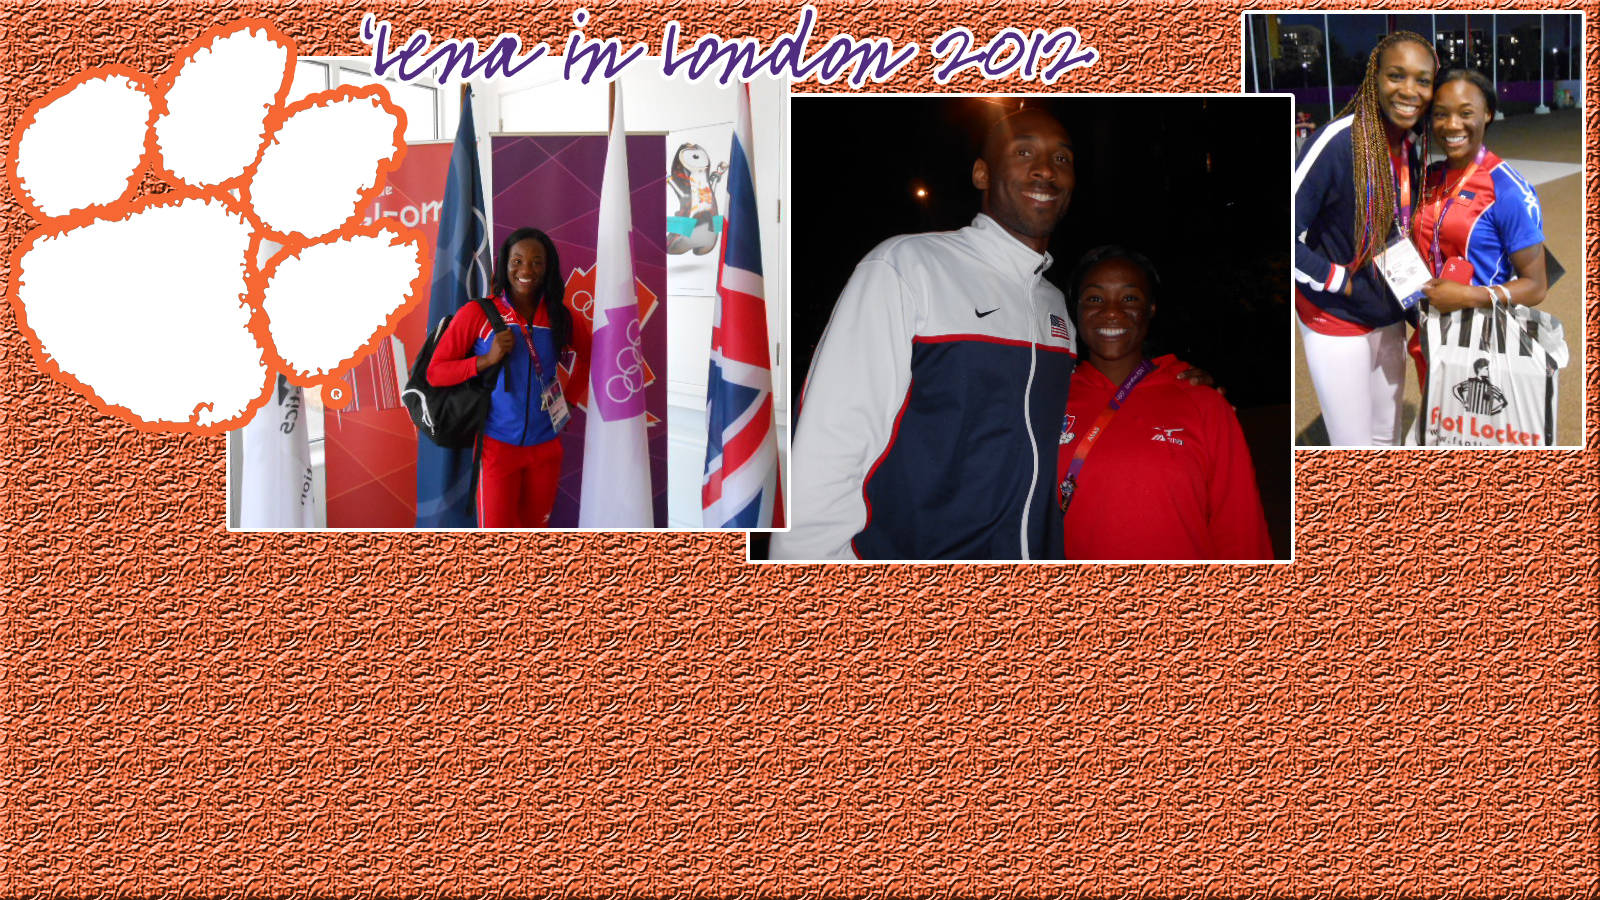 'Lena in London 2012